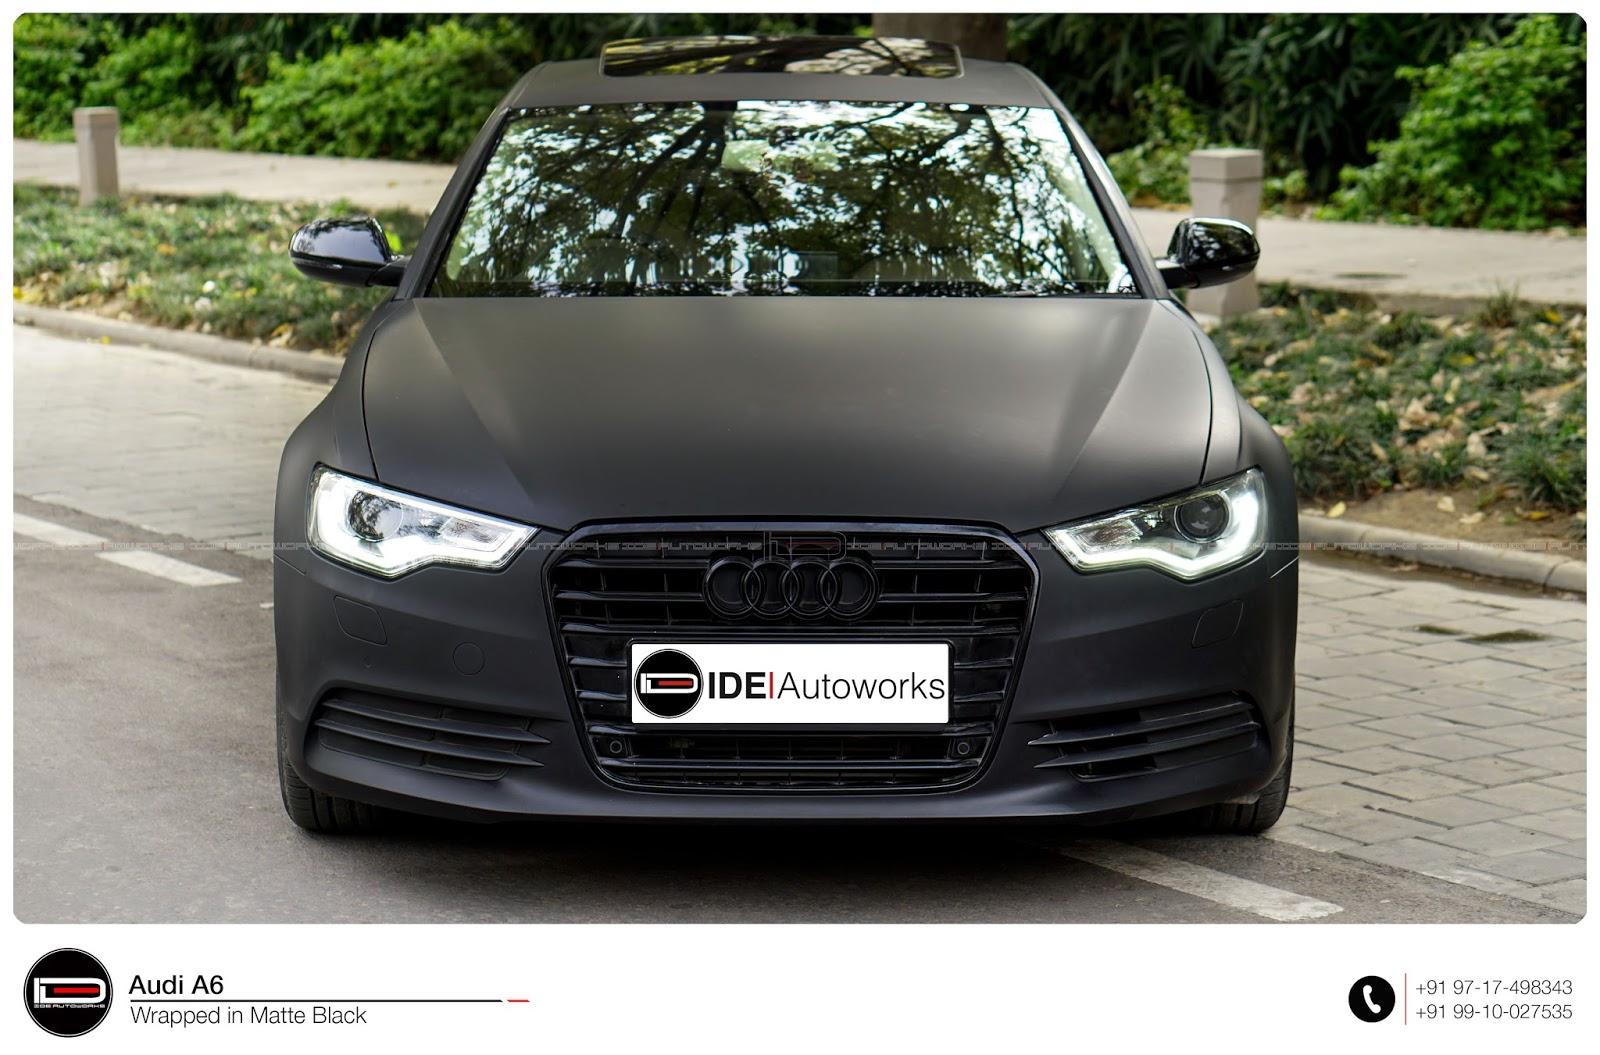 Audi A6 Matte Black Wrap Ide Autoworks